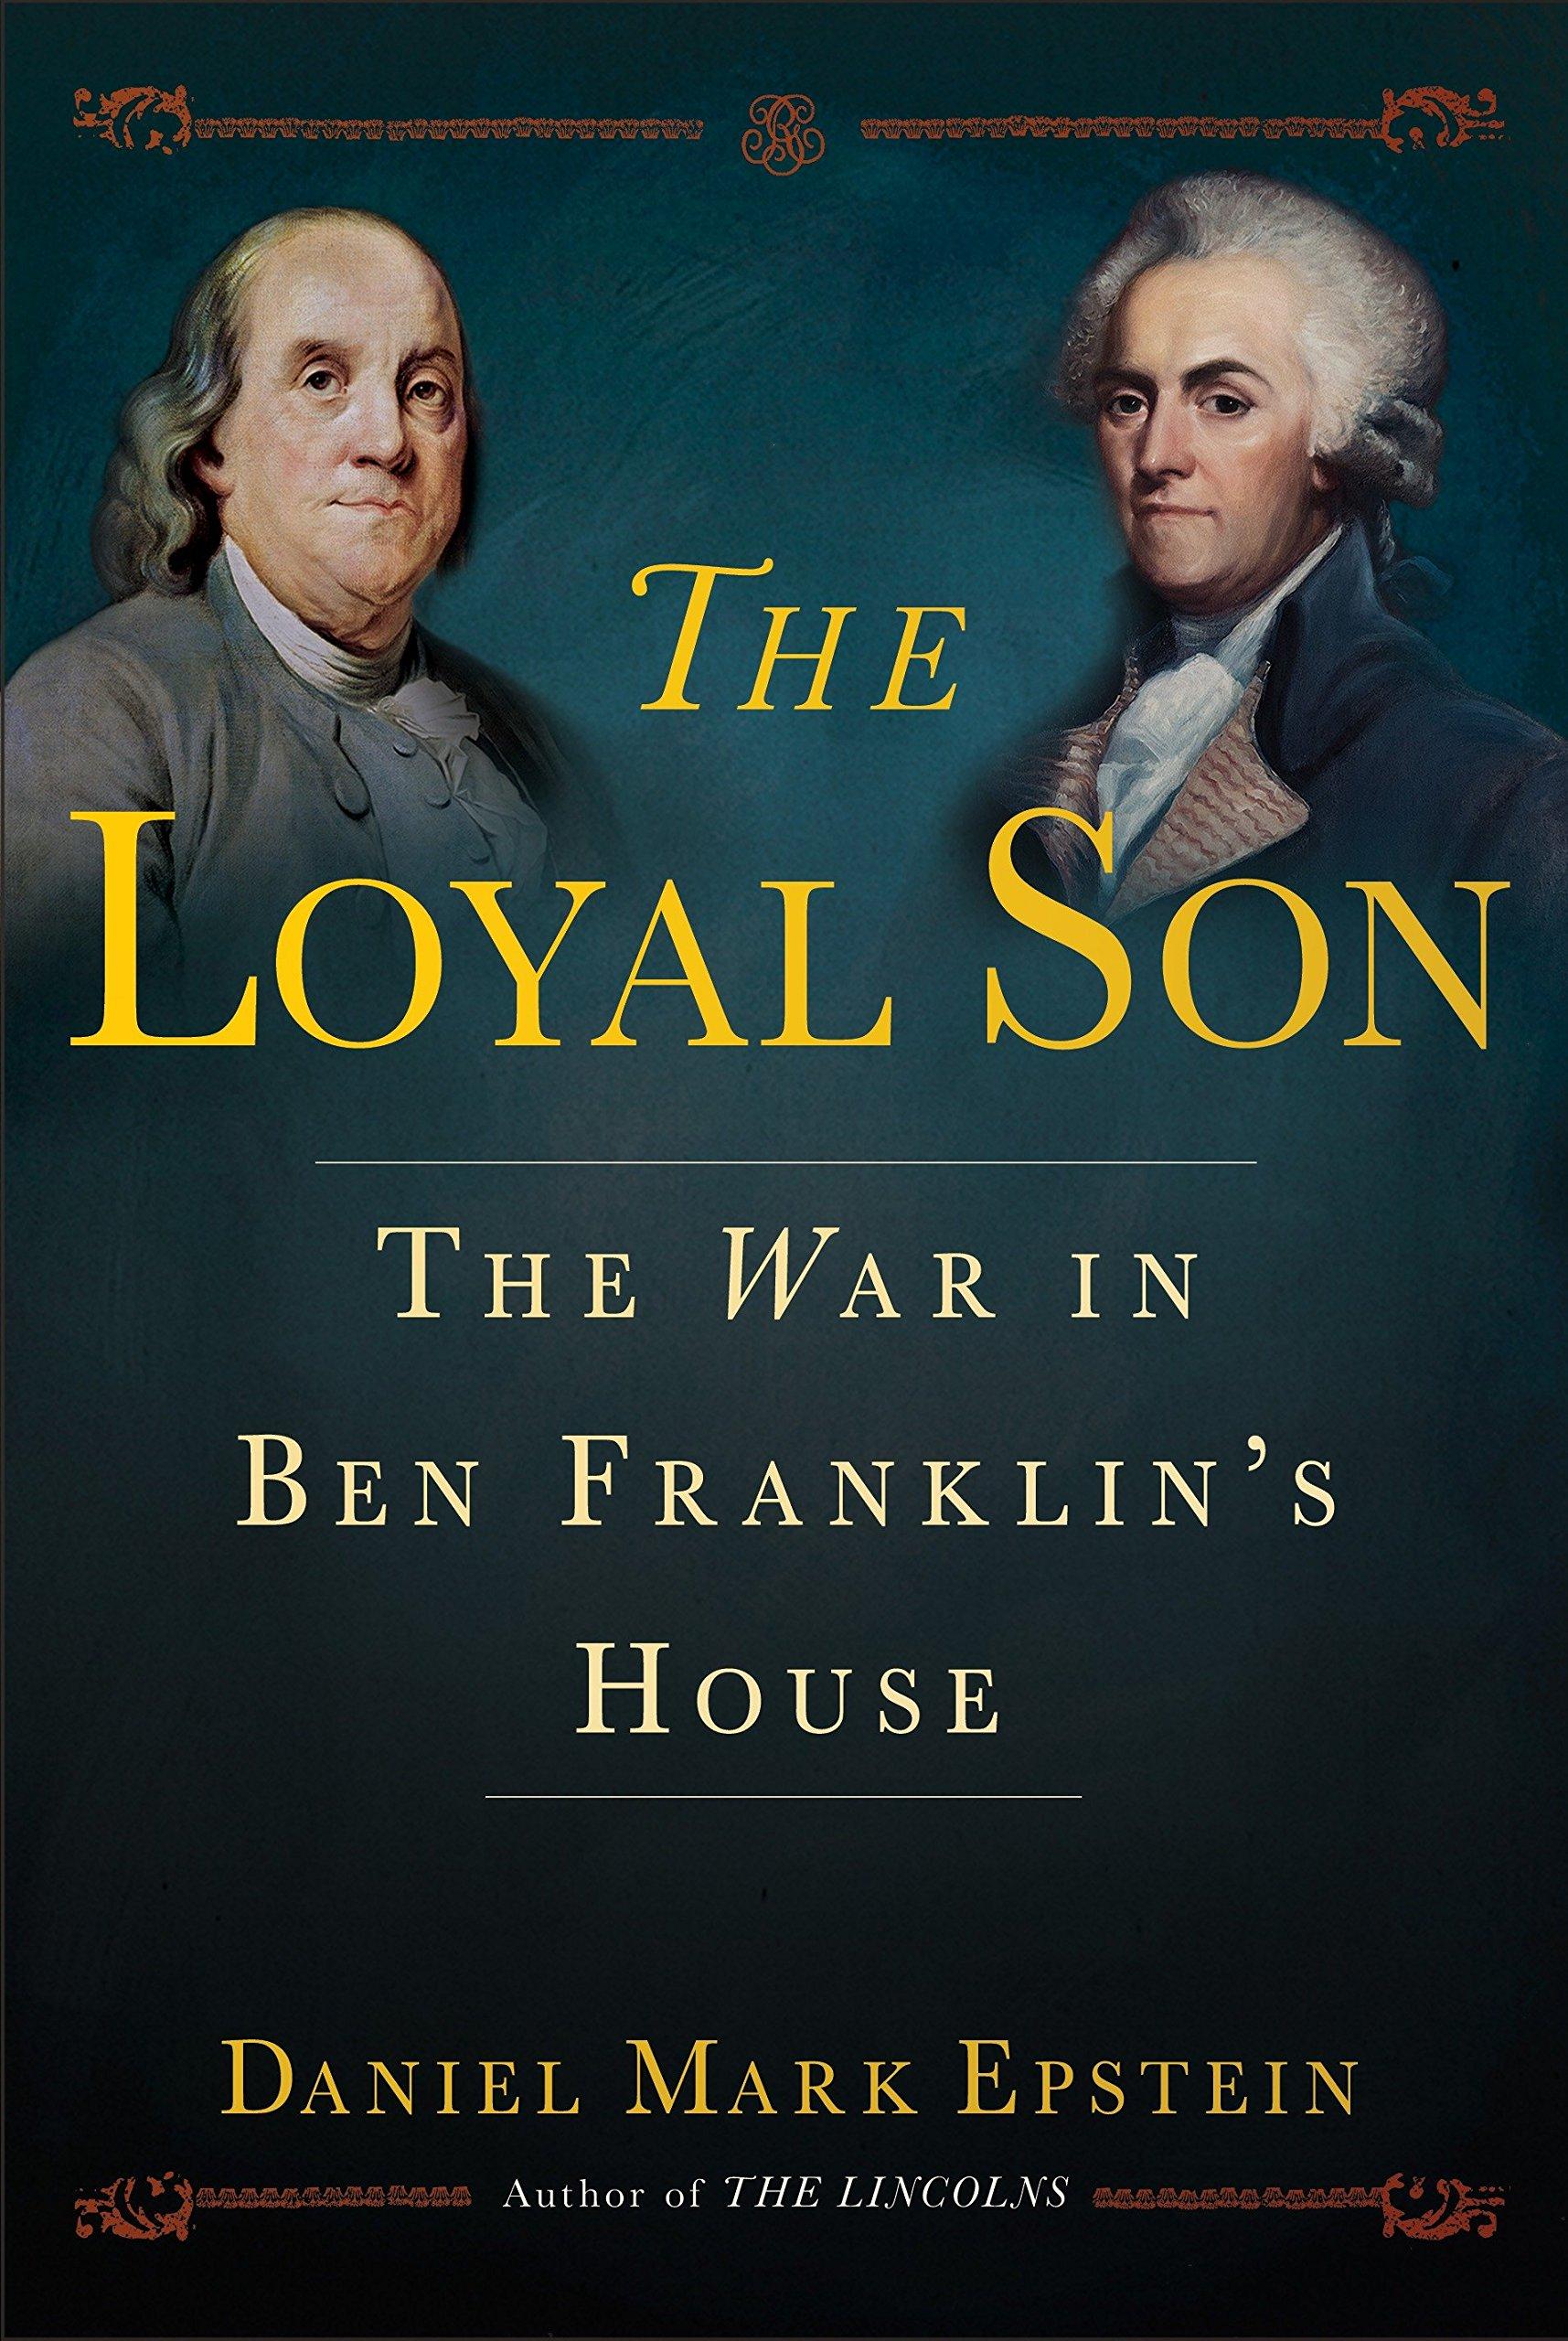 The War in Ben Franklin's House - Daniel Mark Epstein